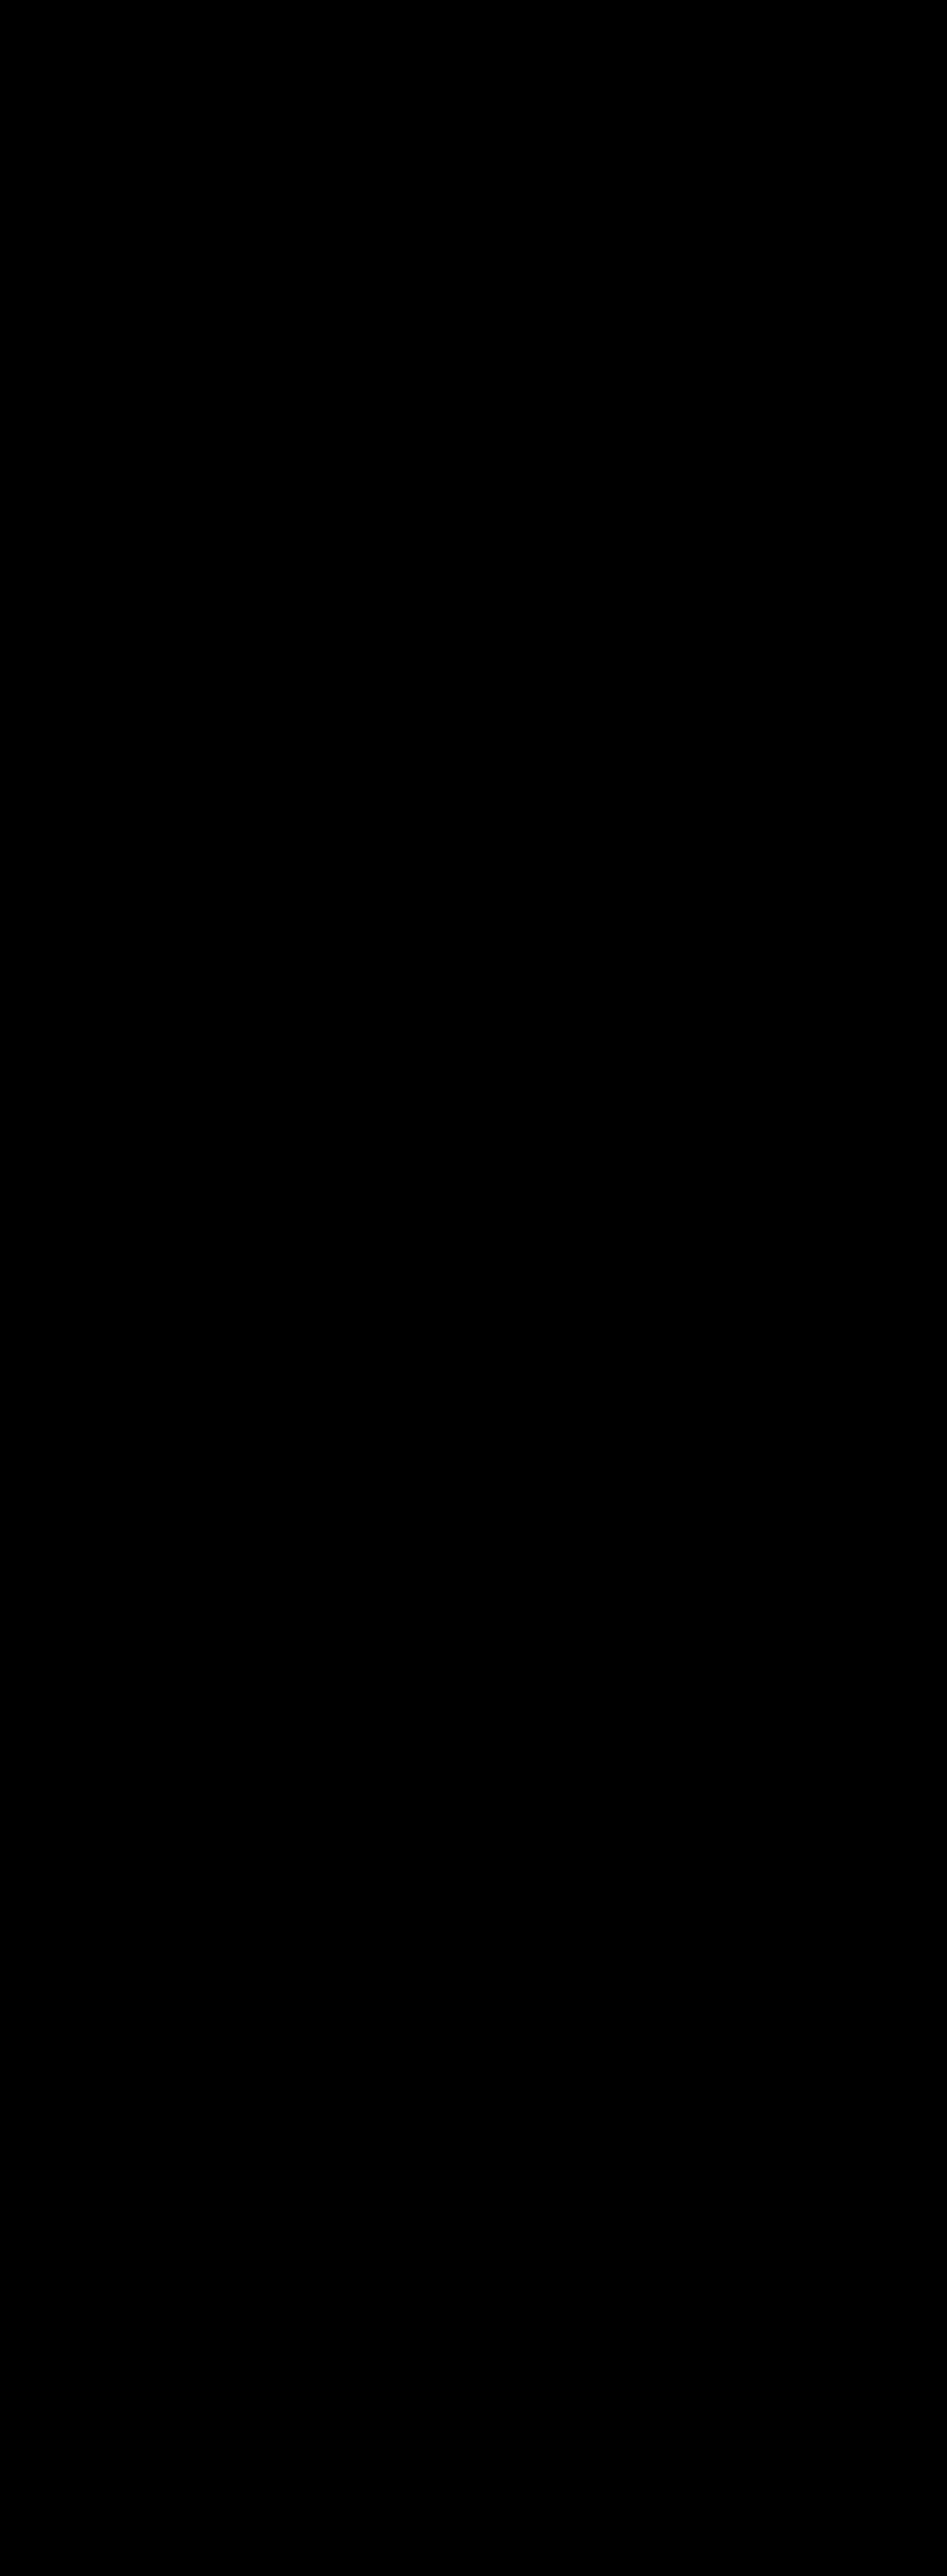 SaaS Agency— Multipurpose Saas/SEO/Hosting/Mobile/Agency Template - 3